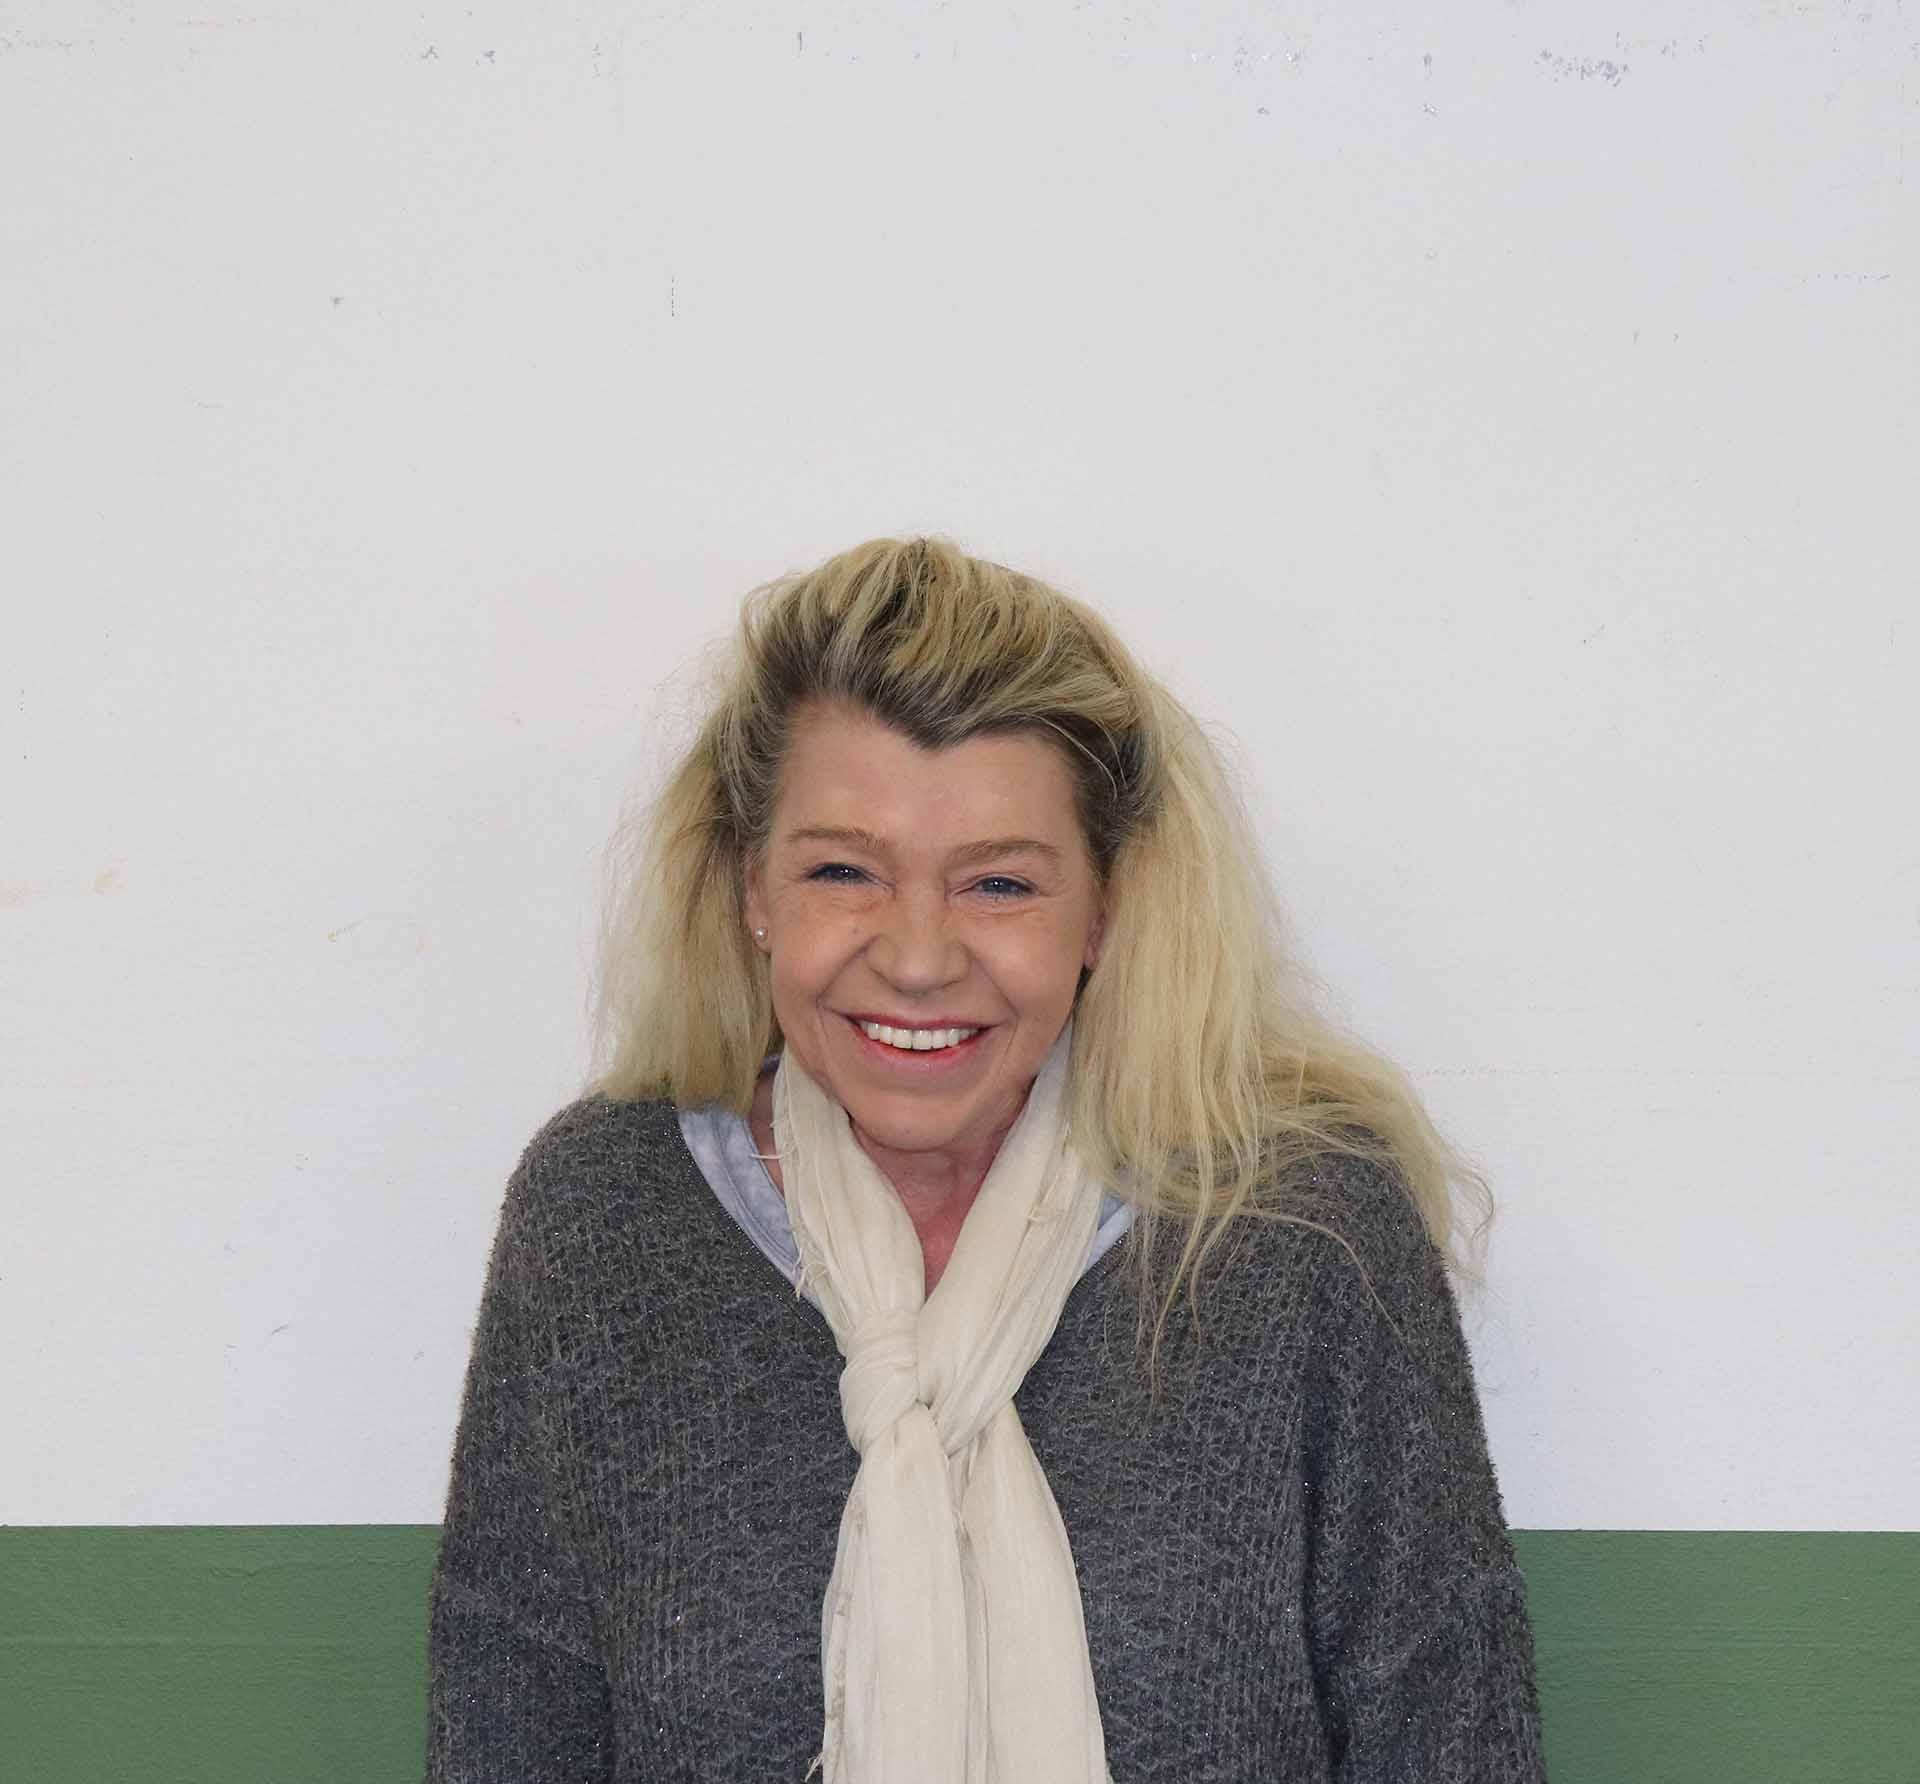 Claudia Mismahl